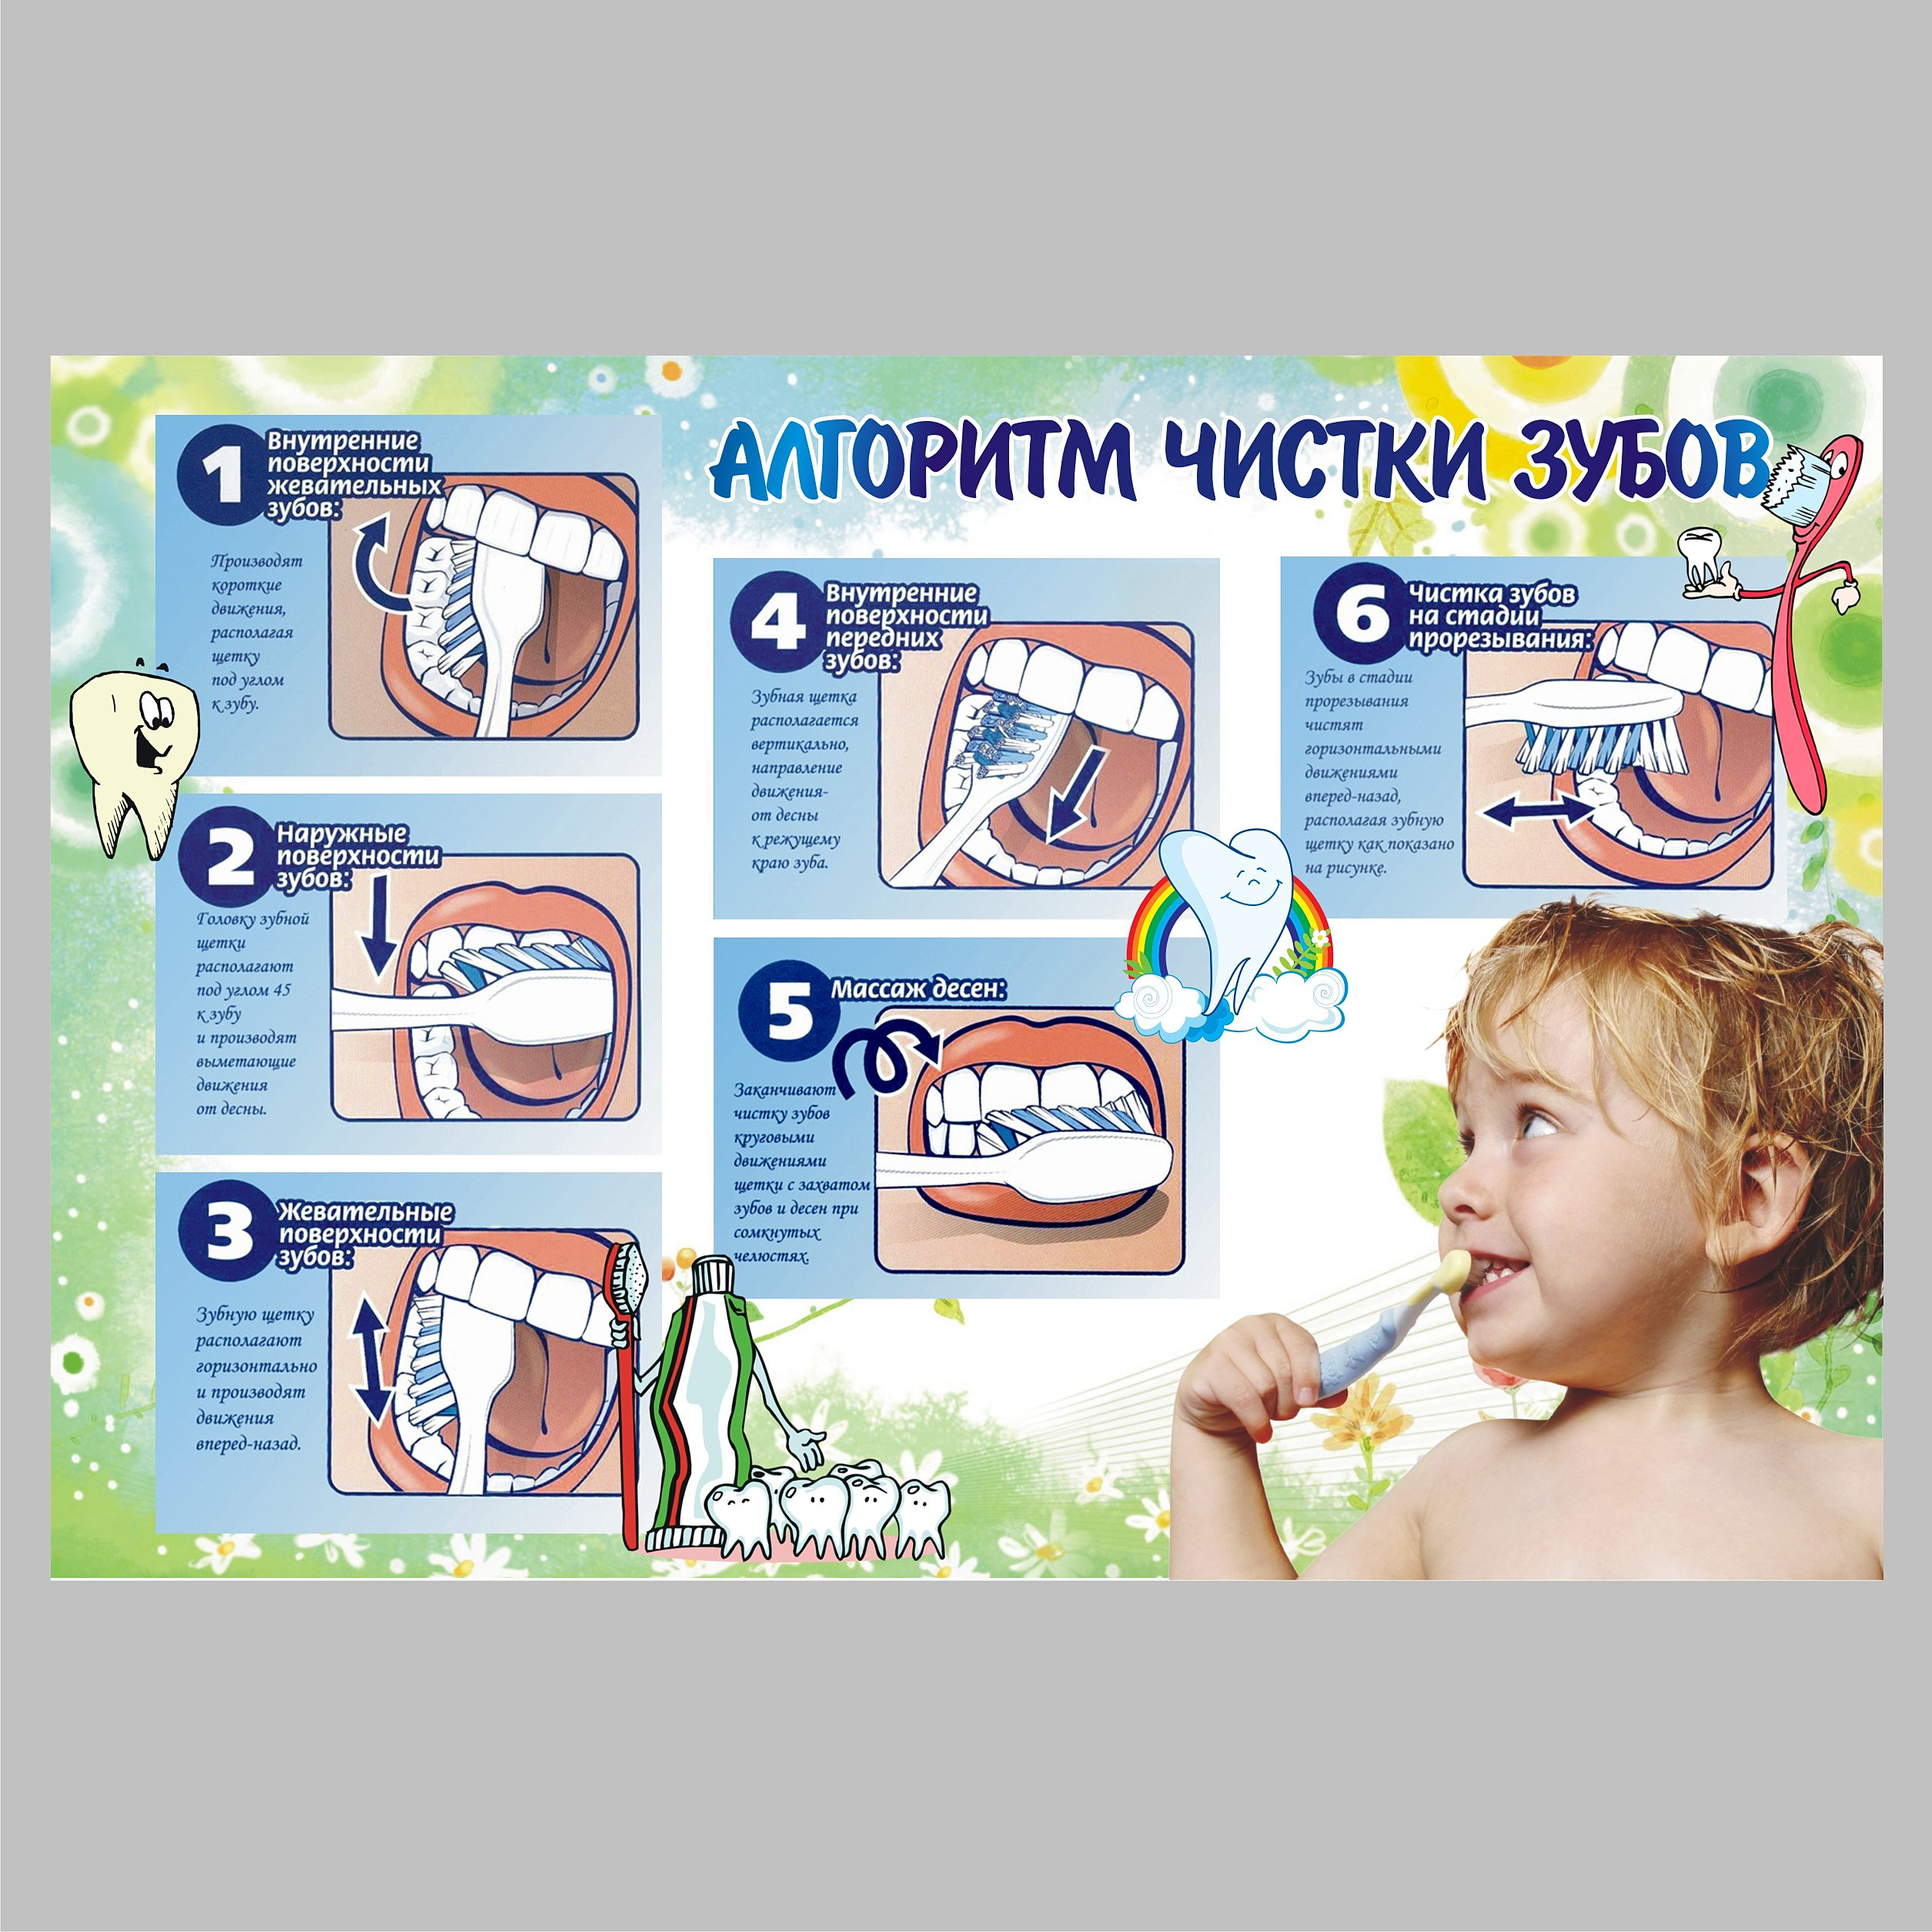 Детский сад.алгоритмы с картинками.чистка зубов